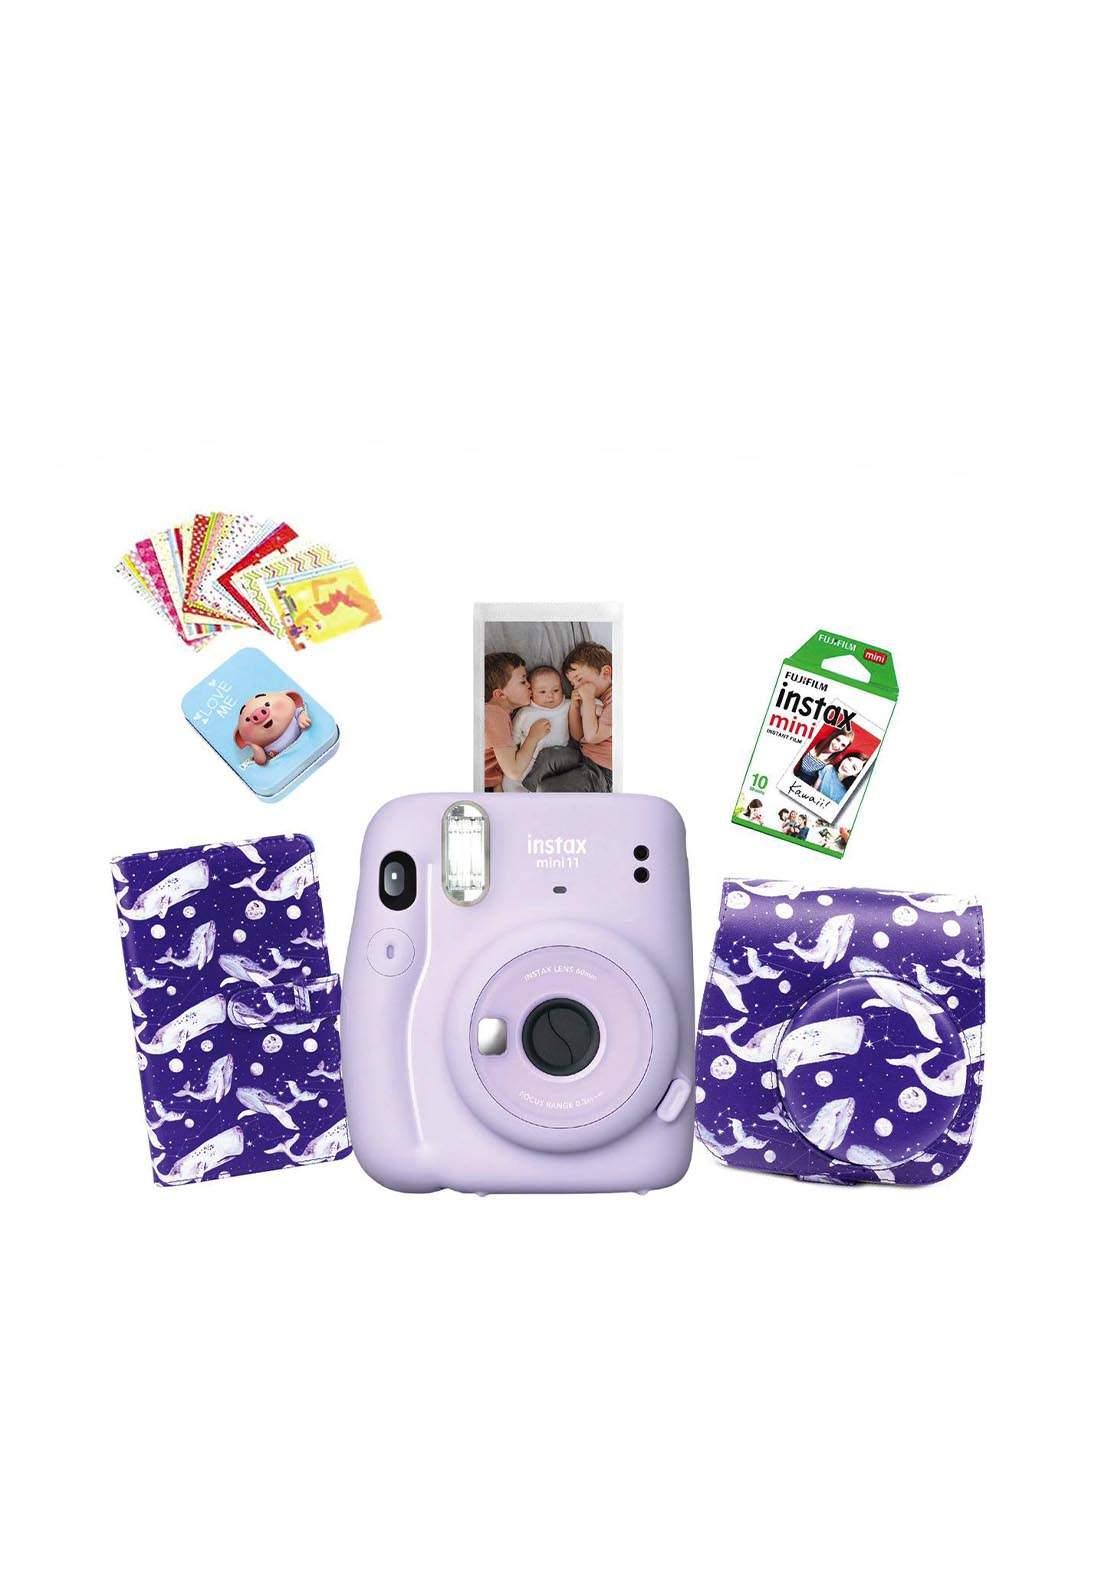 Fujifilm Instax LifeStyle Pack Mini11 Camera Package - Purple كاميرا فورية